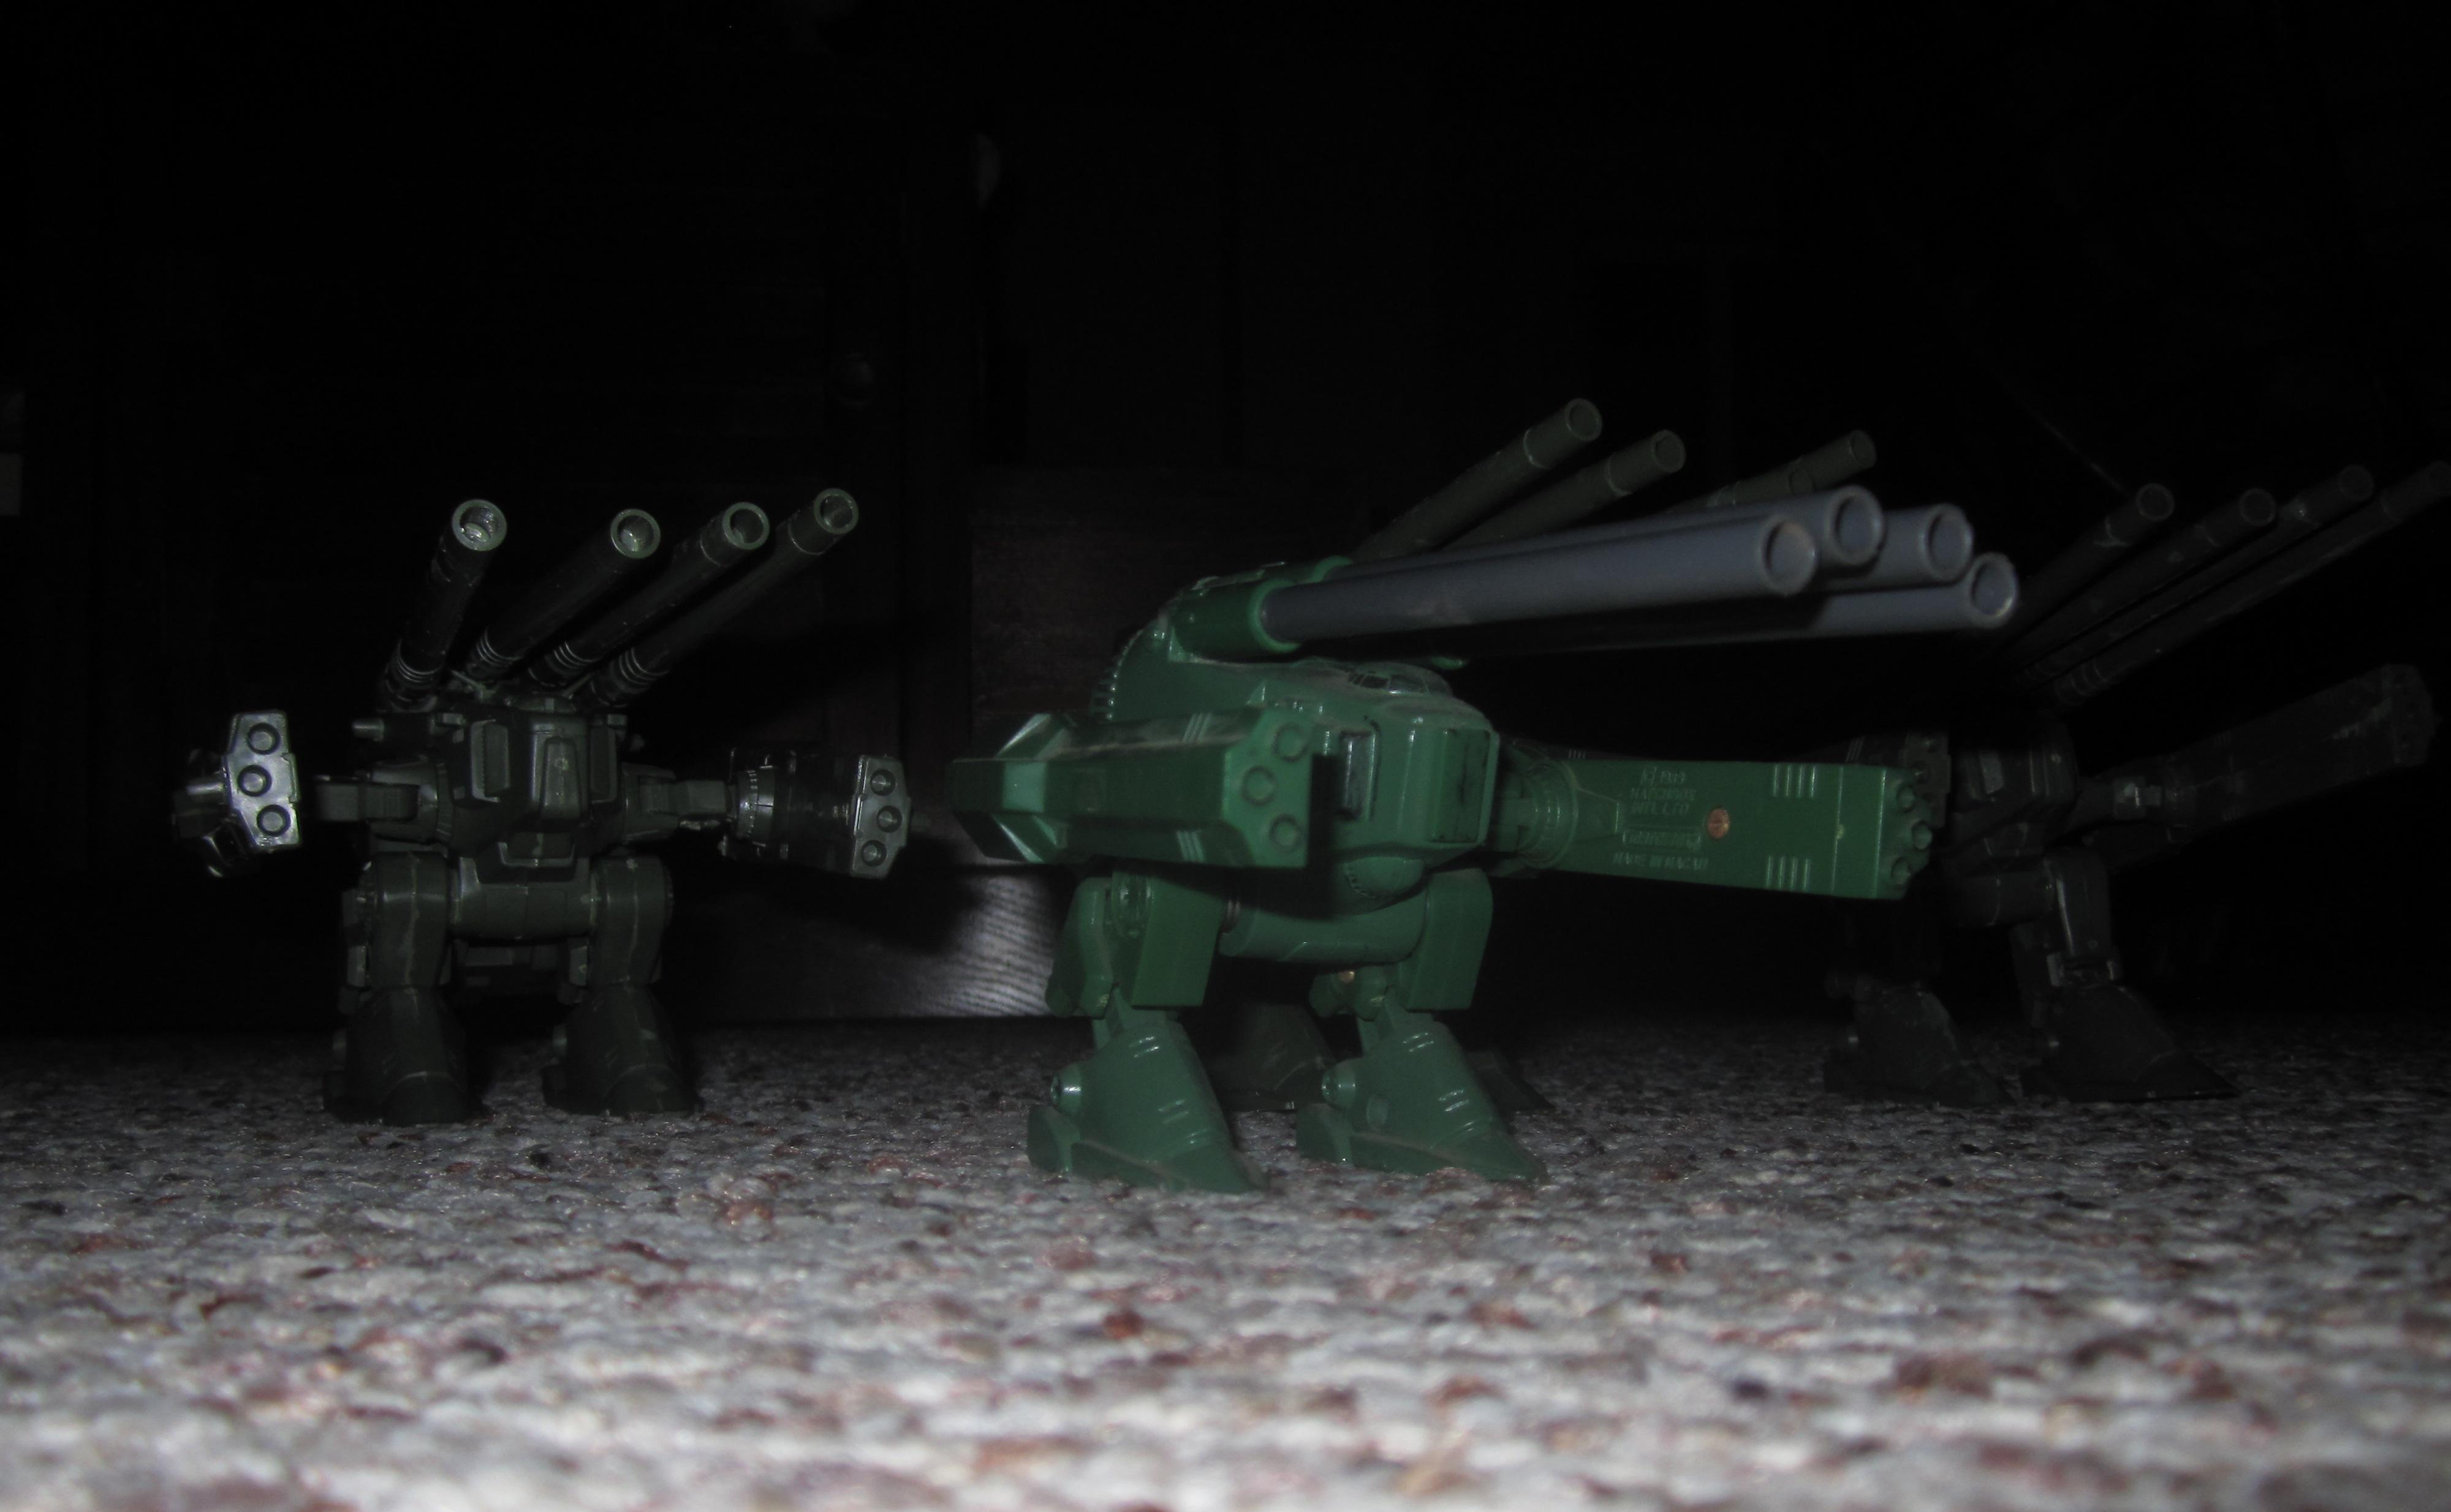 Destroid, Mac Ii, Macross, Monster, Robotech